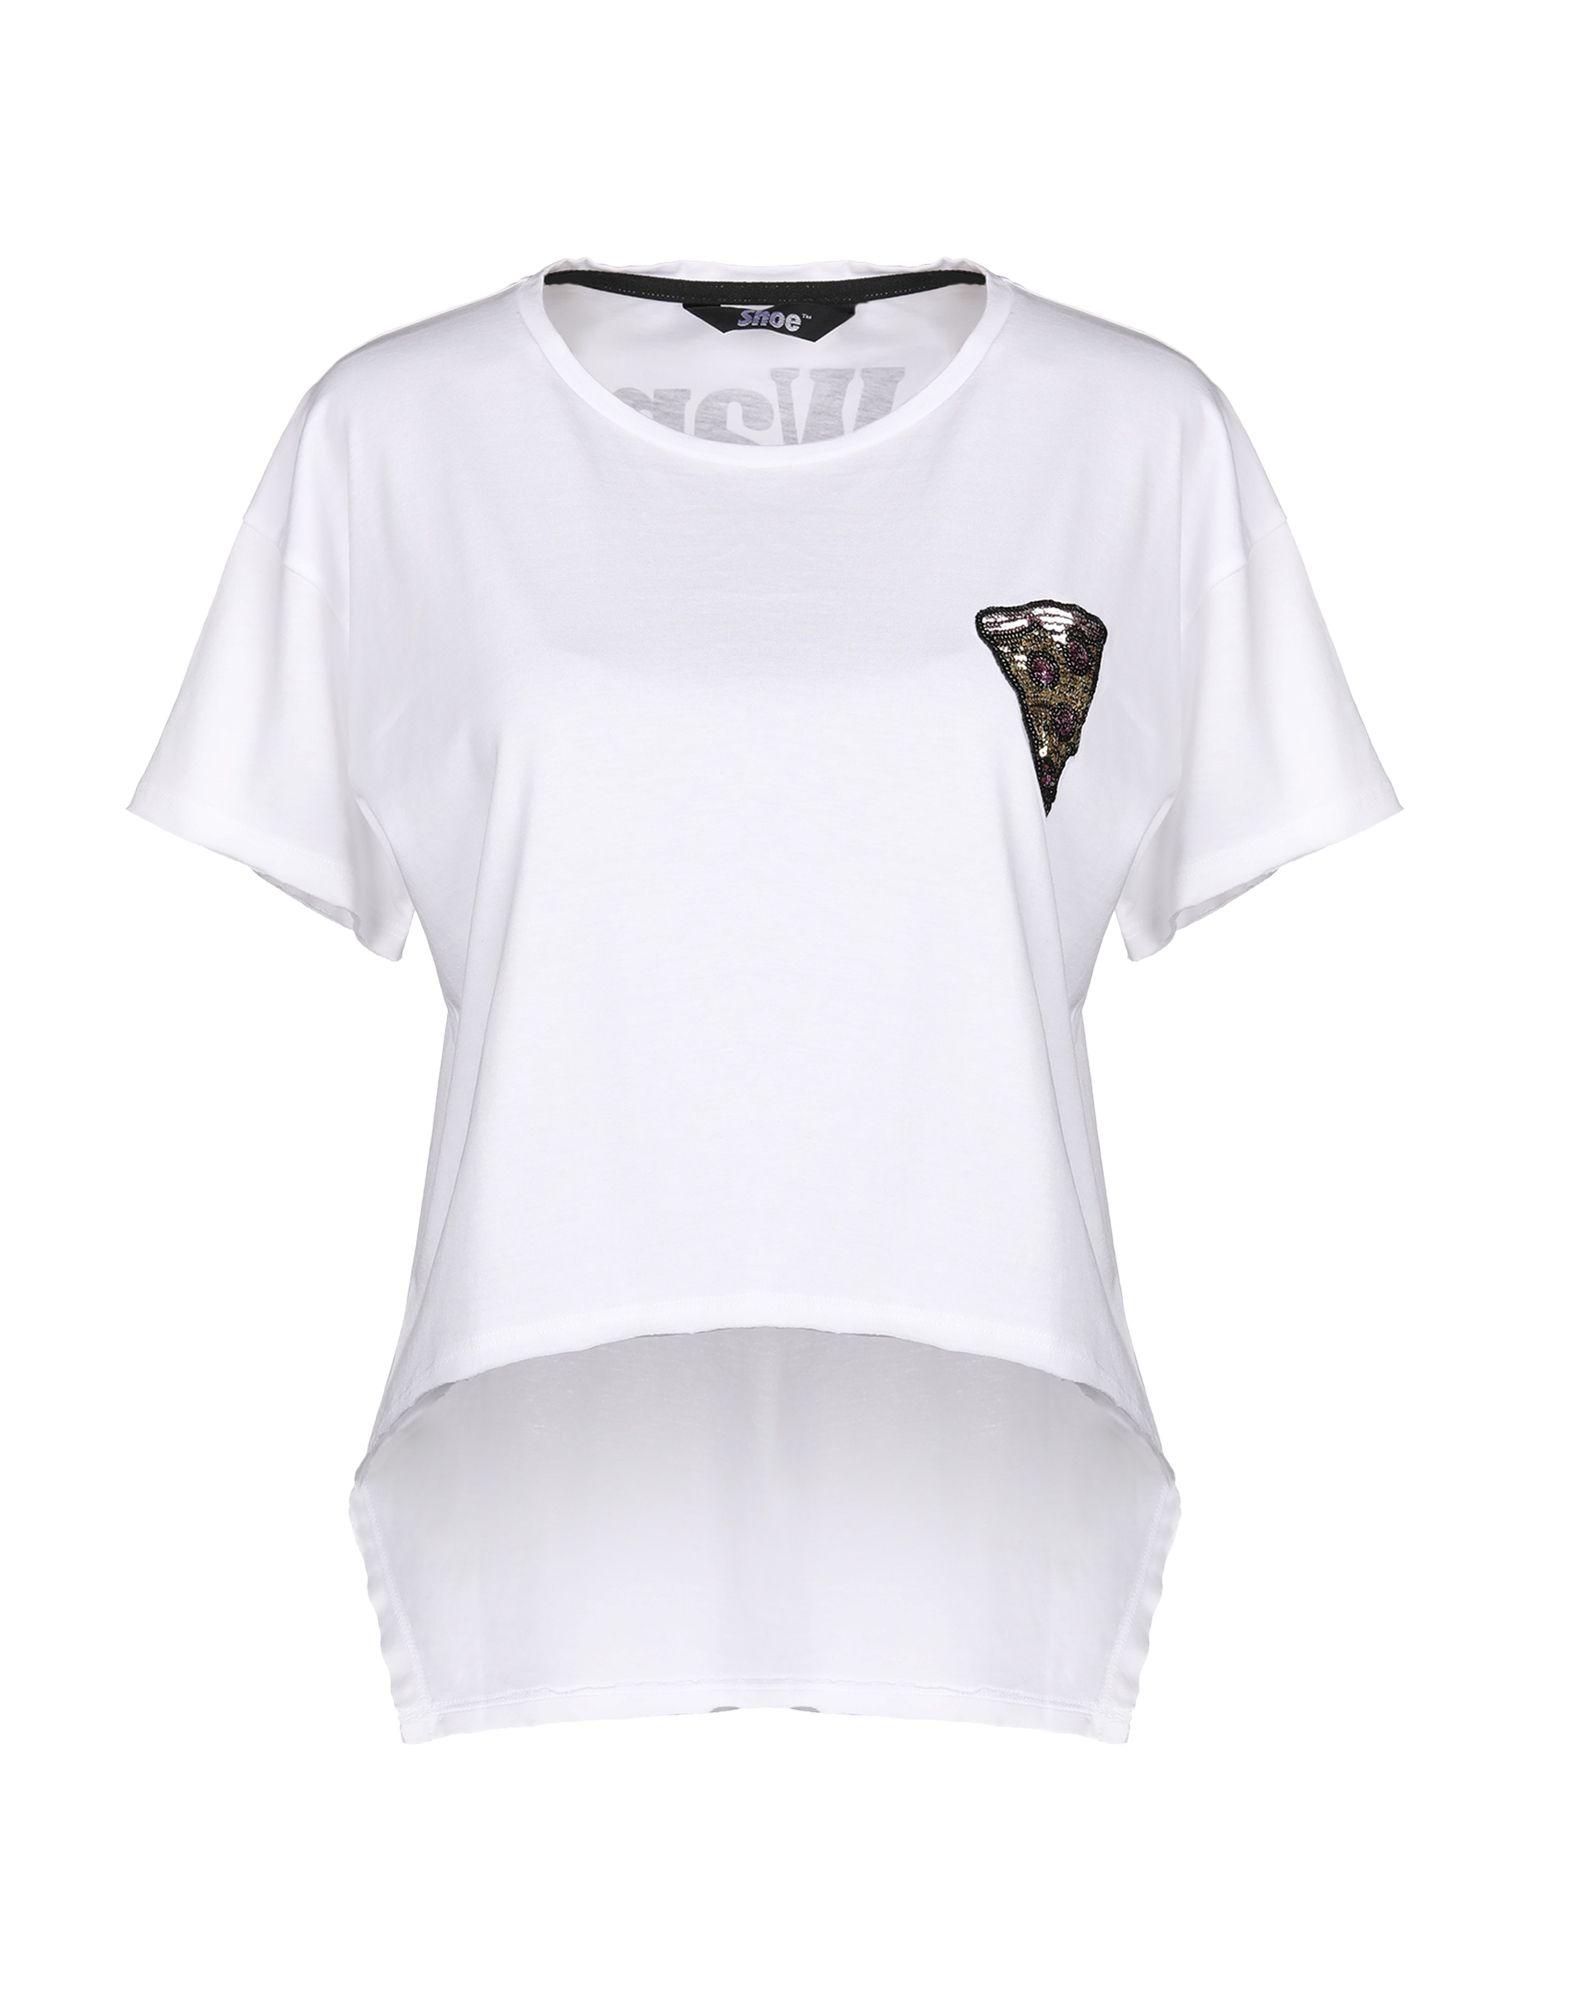 T-Shirt schuhehine damen - 12234859PX